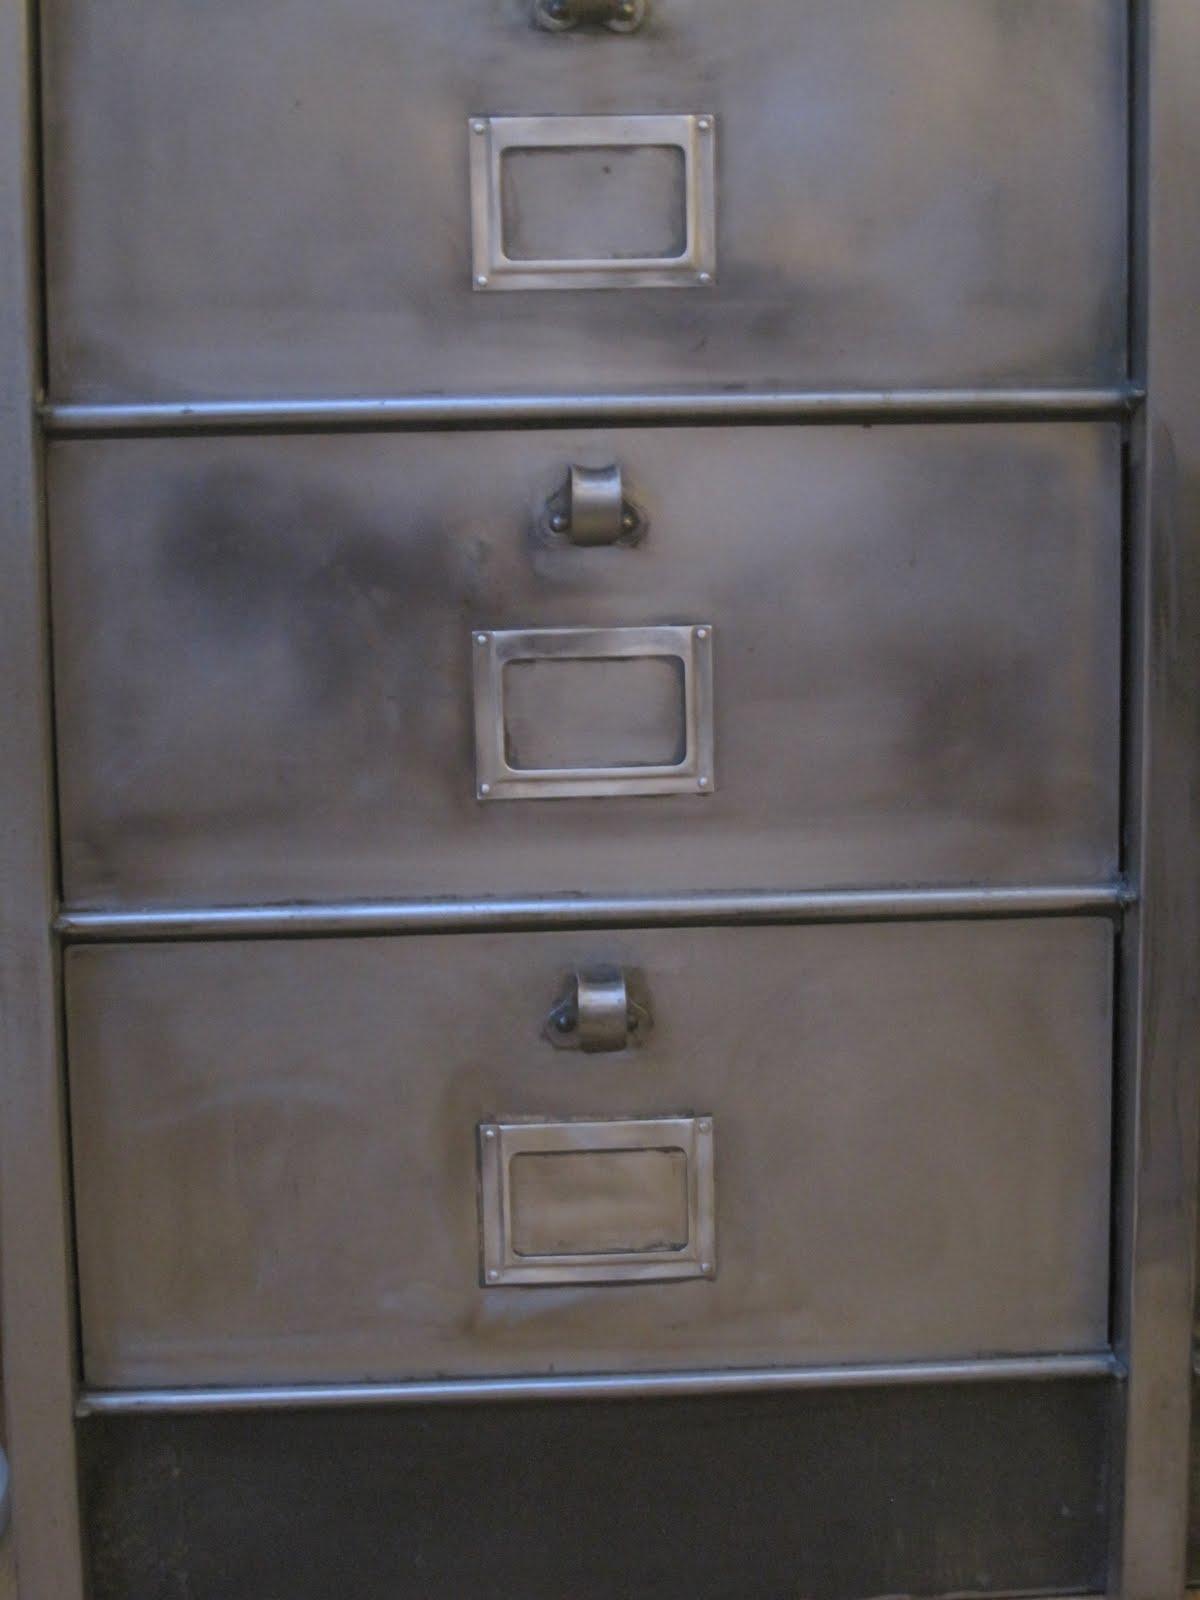 Le loup rose la vanille armoire m tallique clapets - Armoire metallique ancienne ...